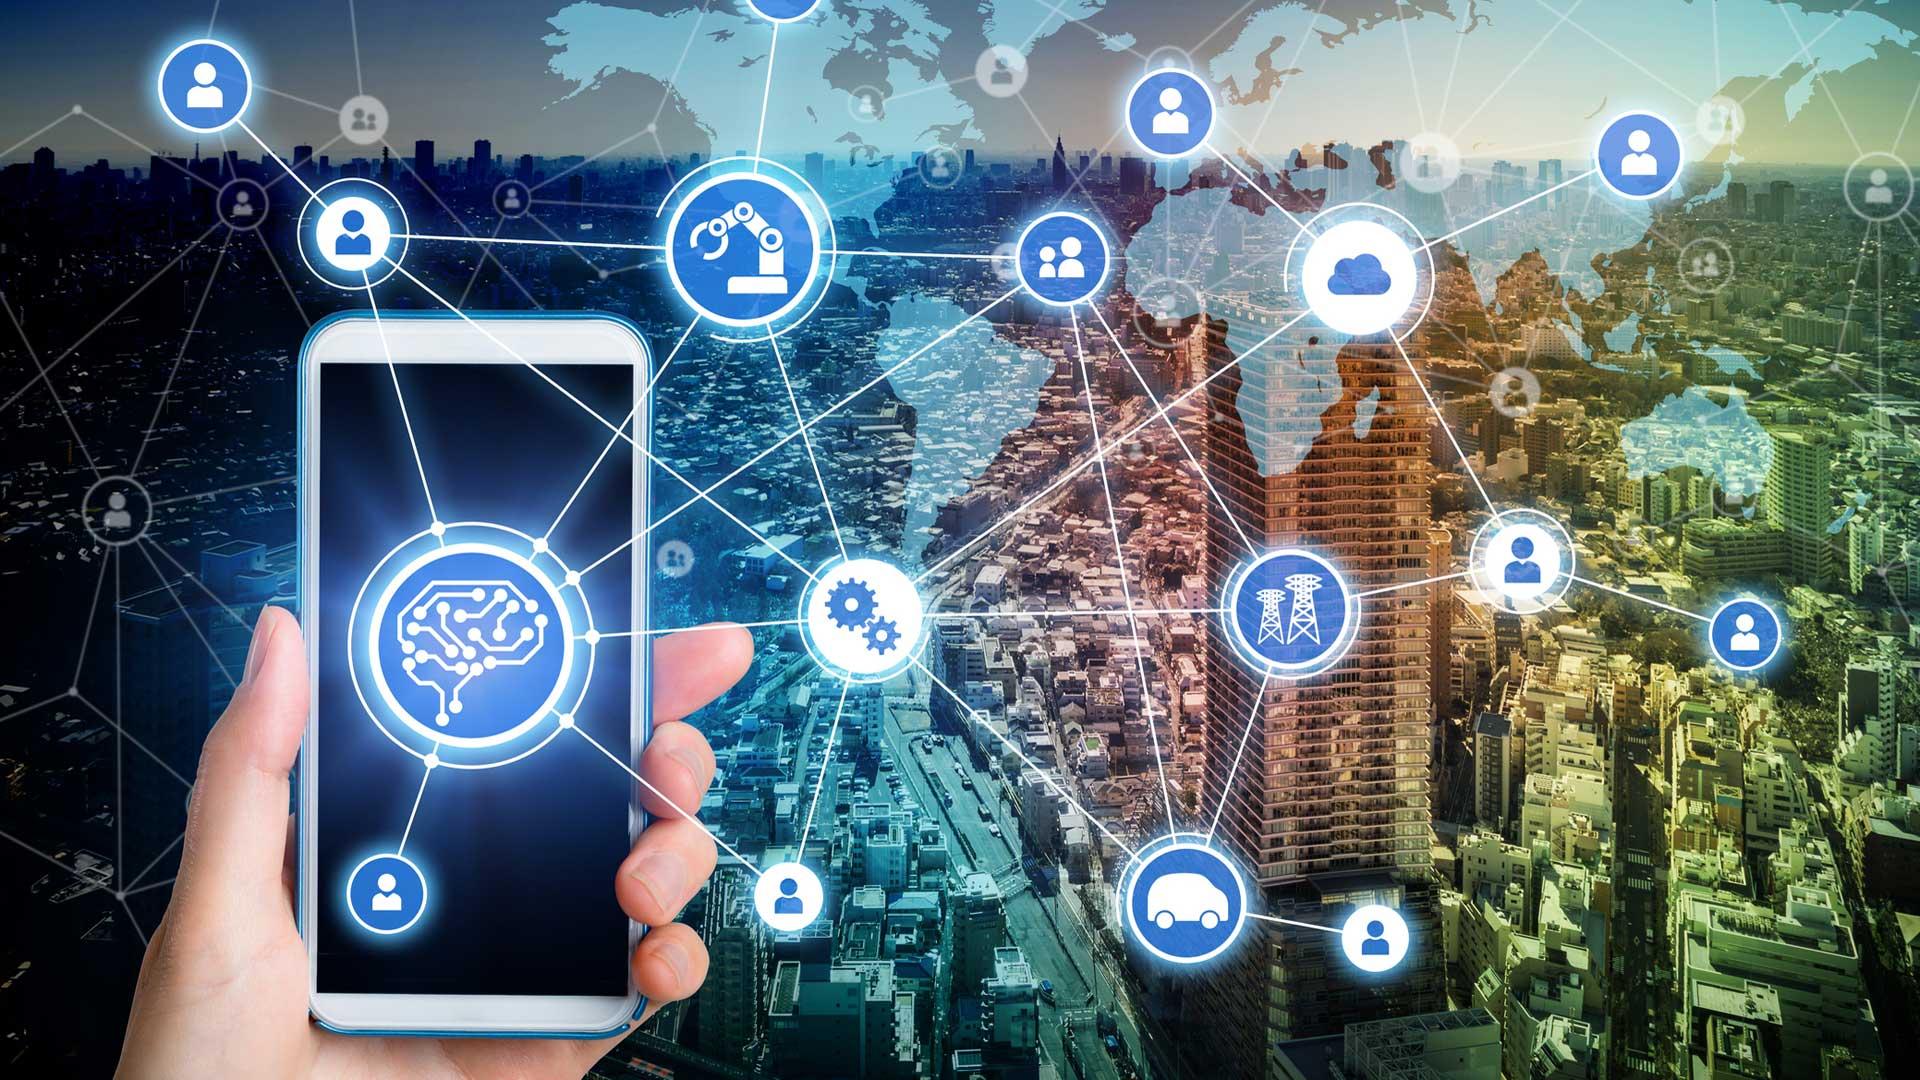 La Era Digital promete transformar todos los modelos de negocio a través de las aplicaciones